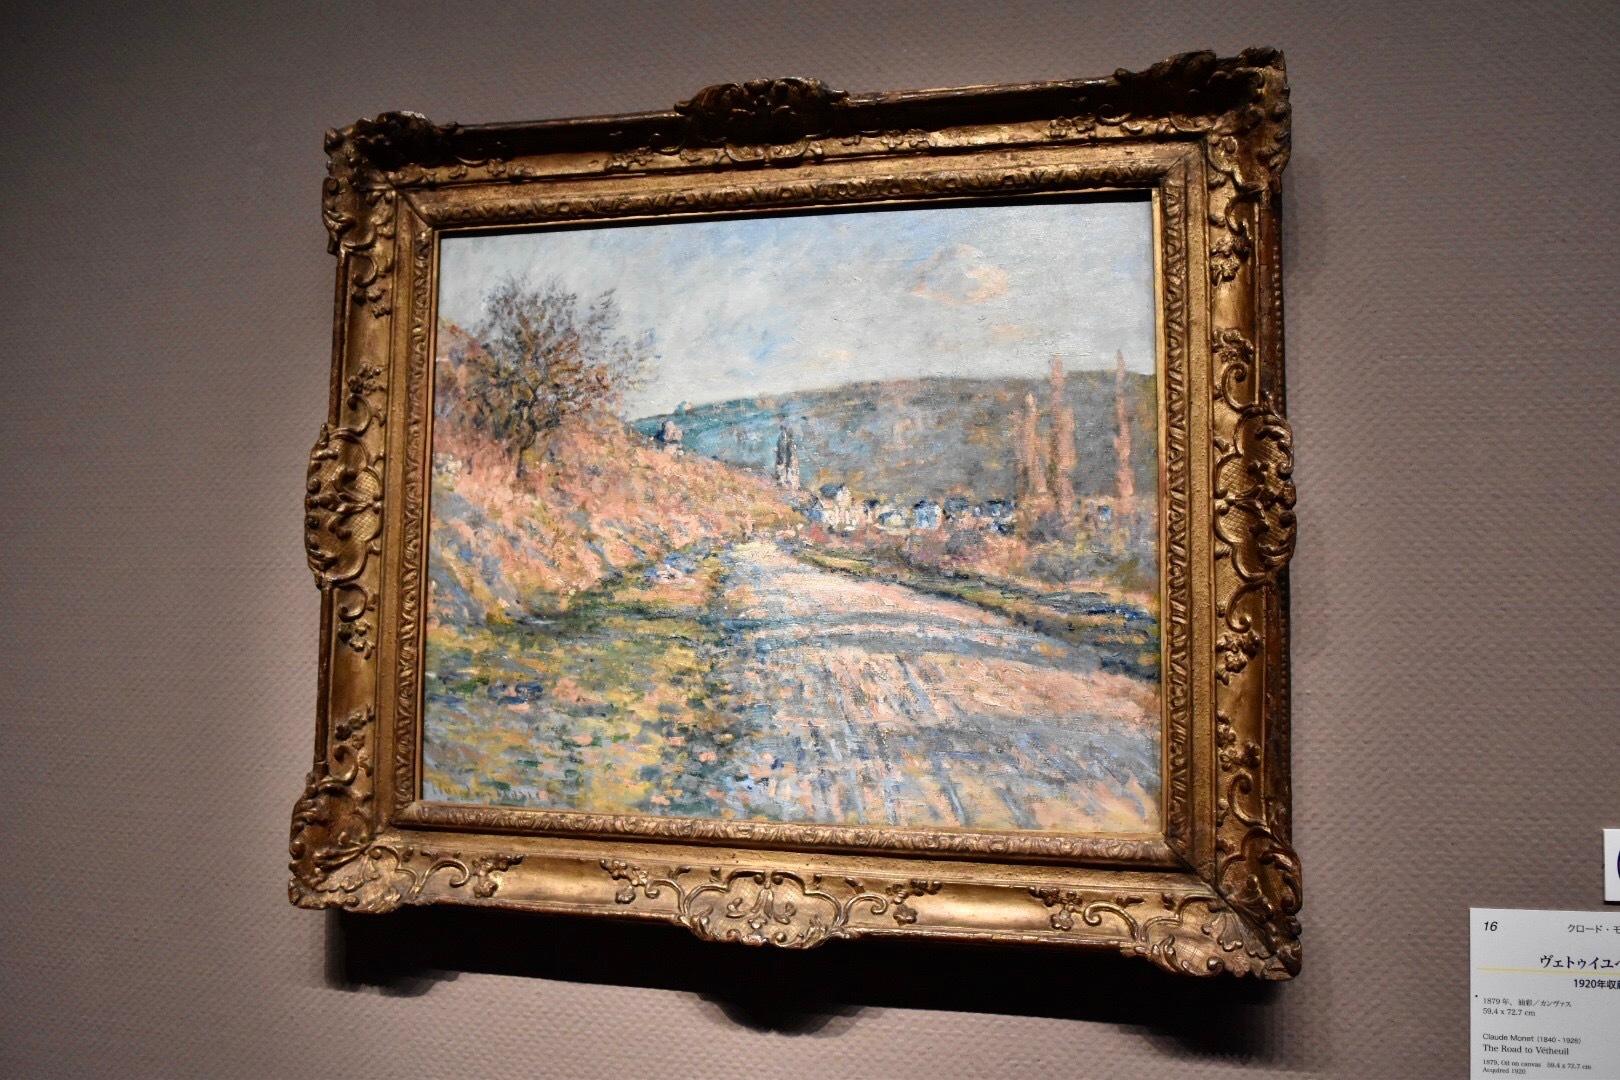 展示風景:クロード・モネ 《ヴェトゥイユへの道》 1879年